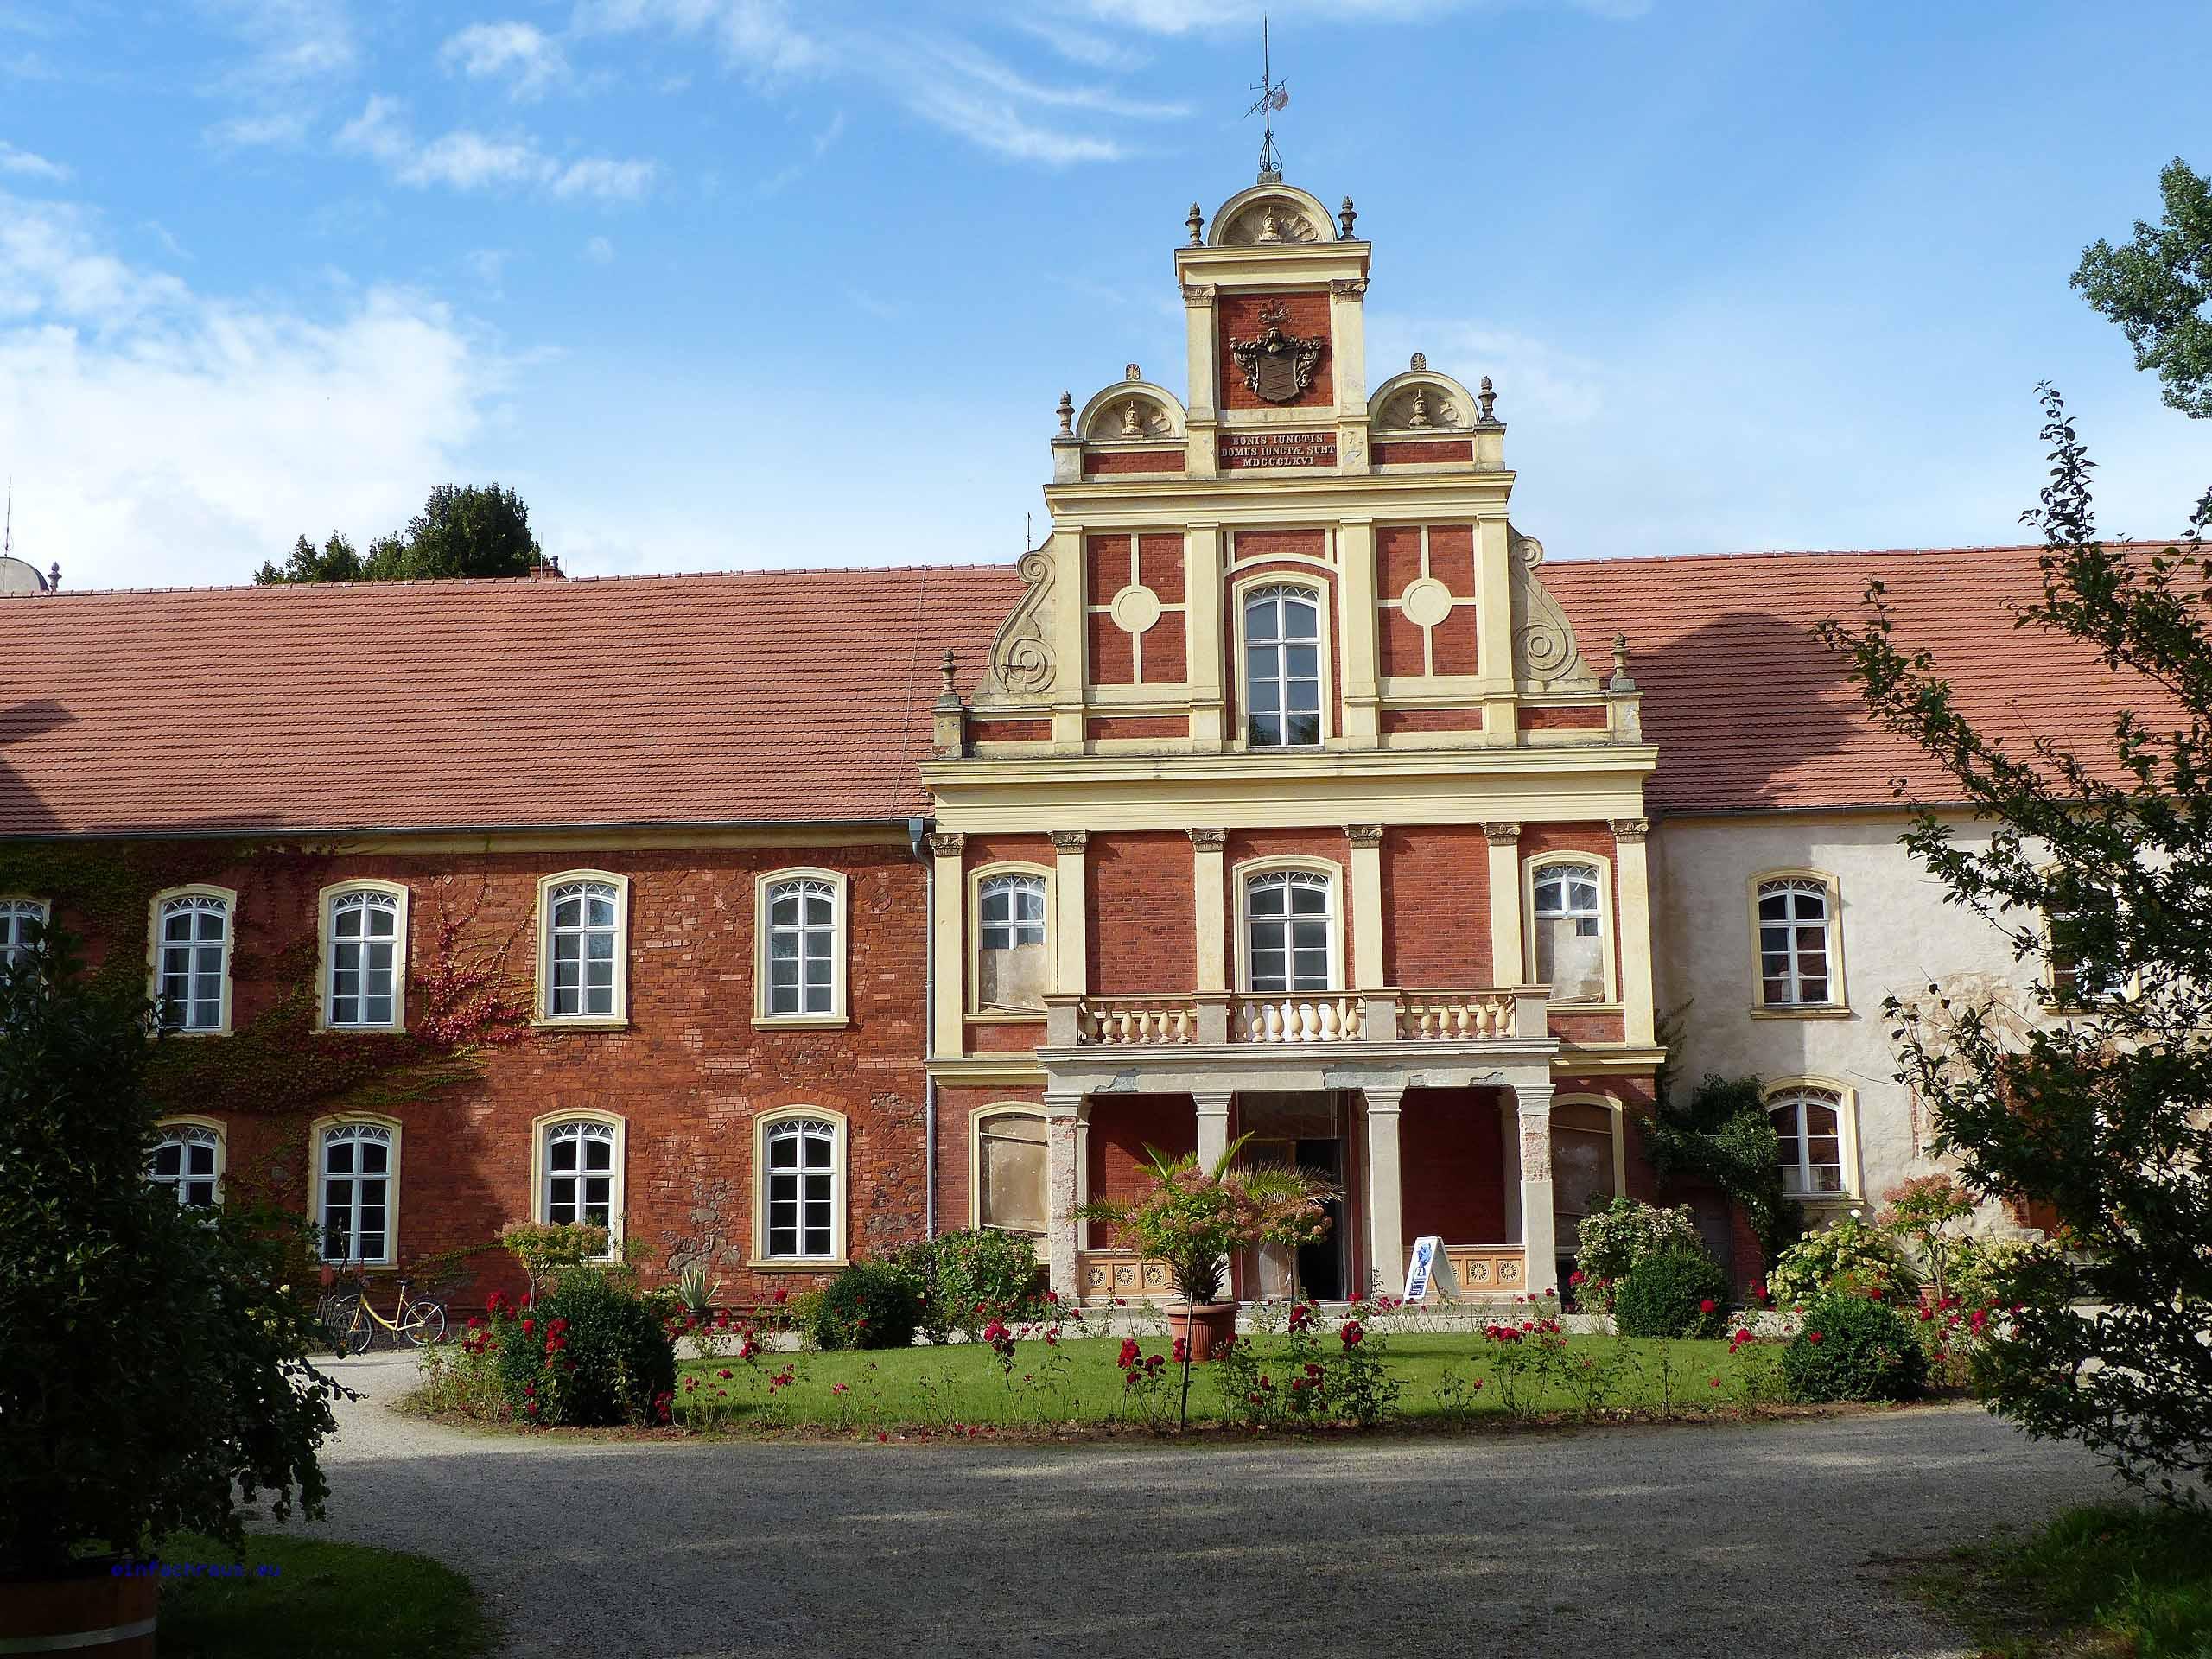 Das Meyenburger Schloss gehört heute zu den herausragenden profanen Baudenkmälern in der Prignitz.